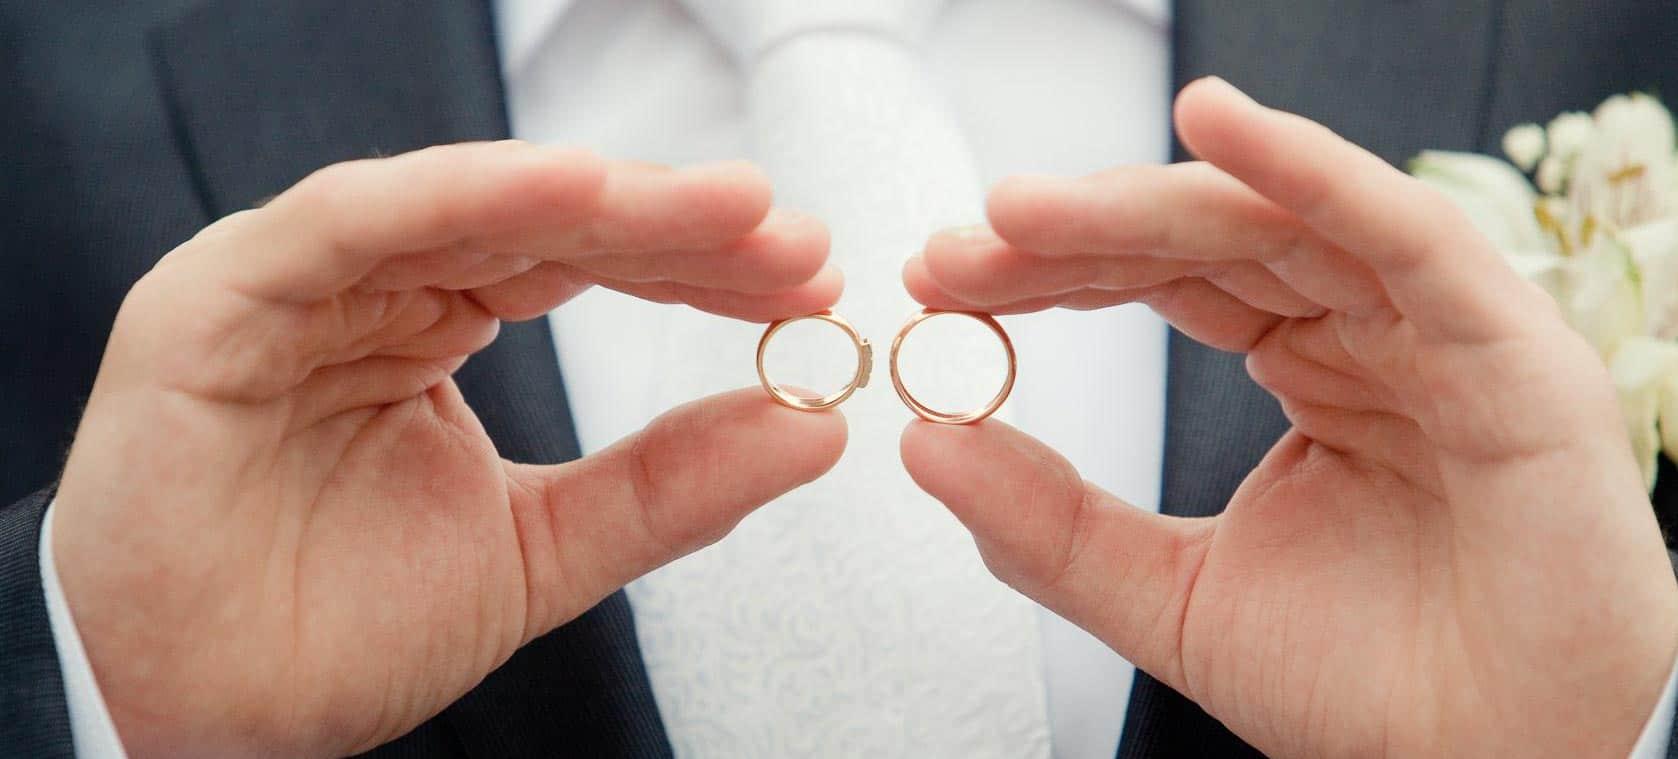 Mann hält zwei Eheringe